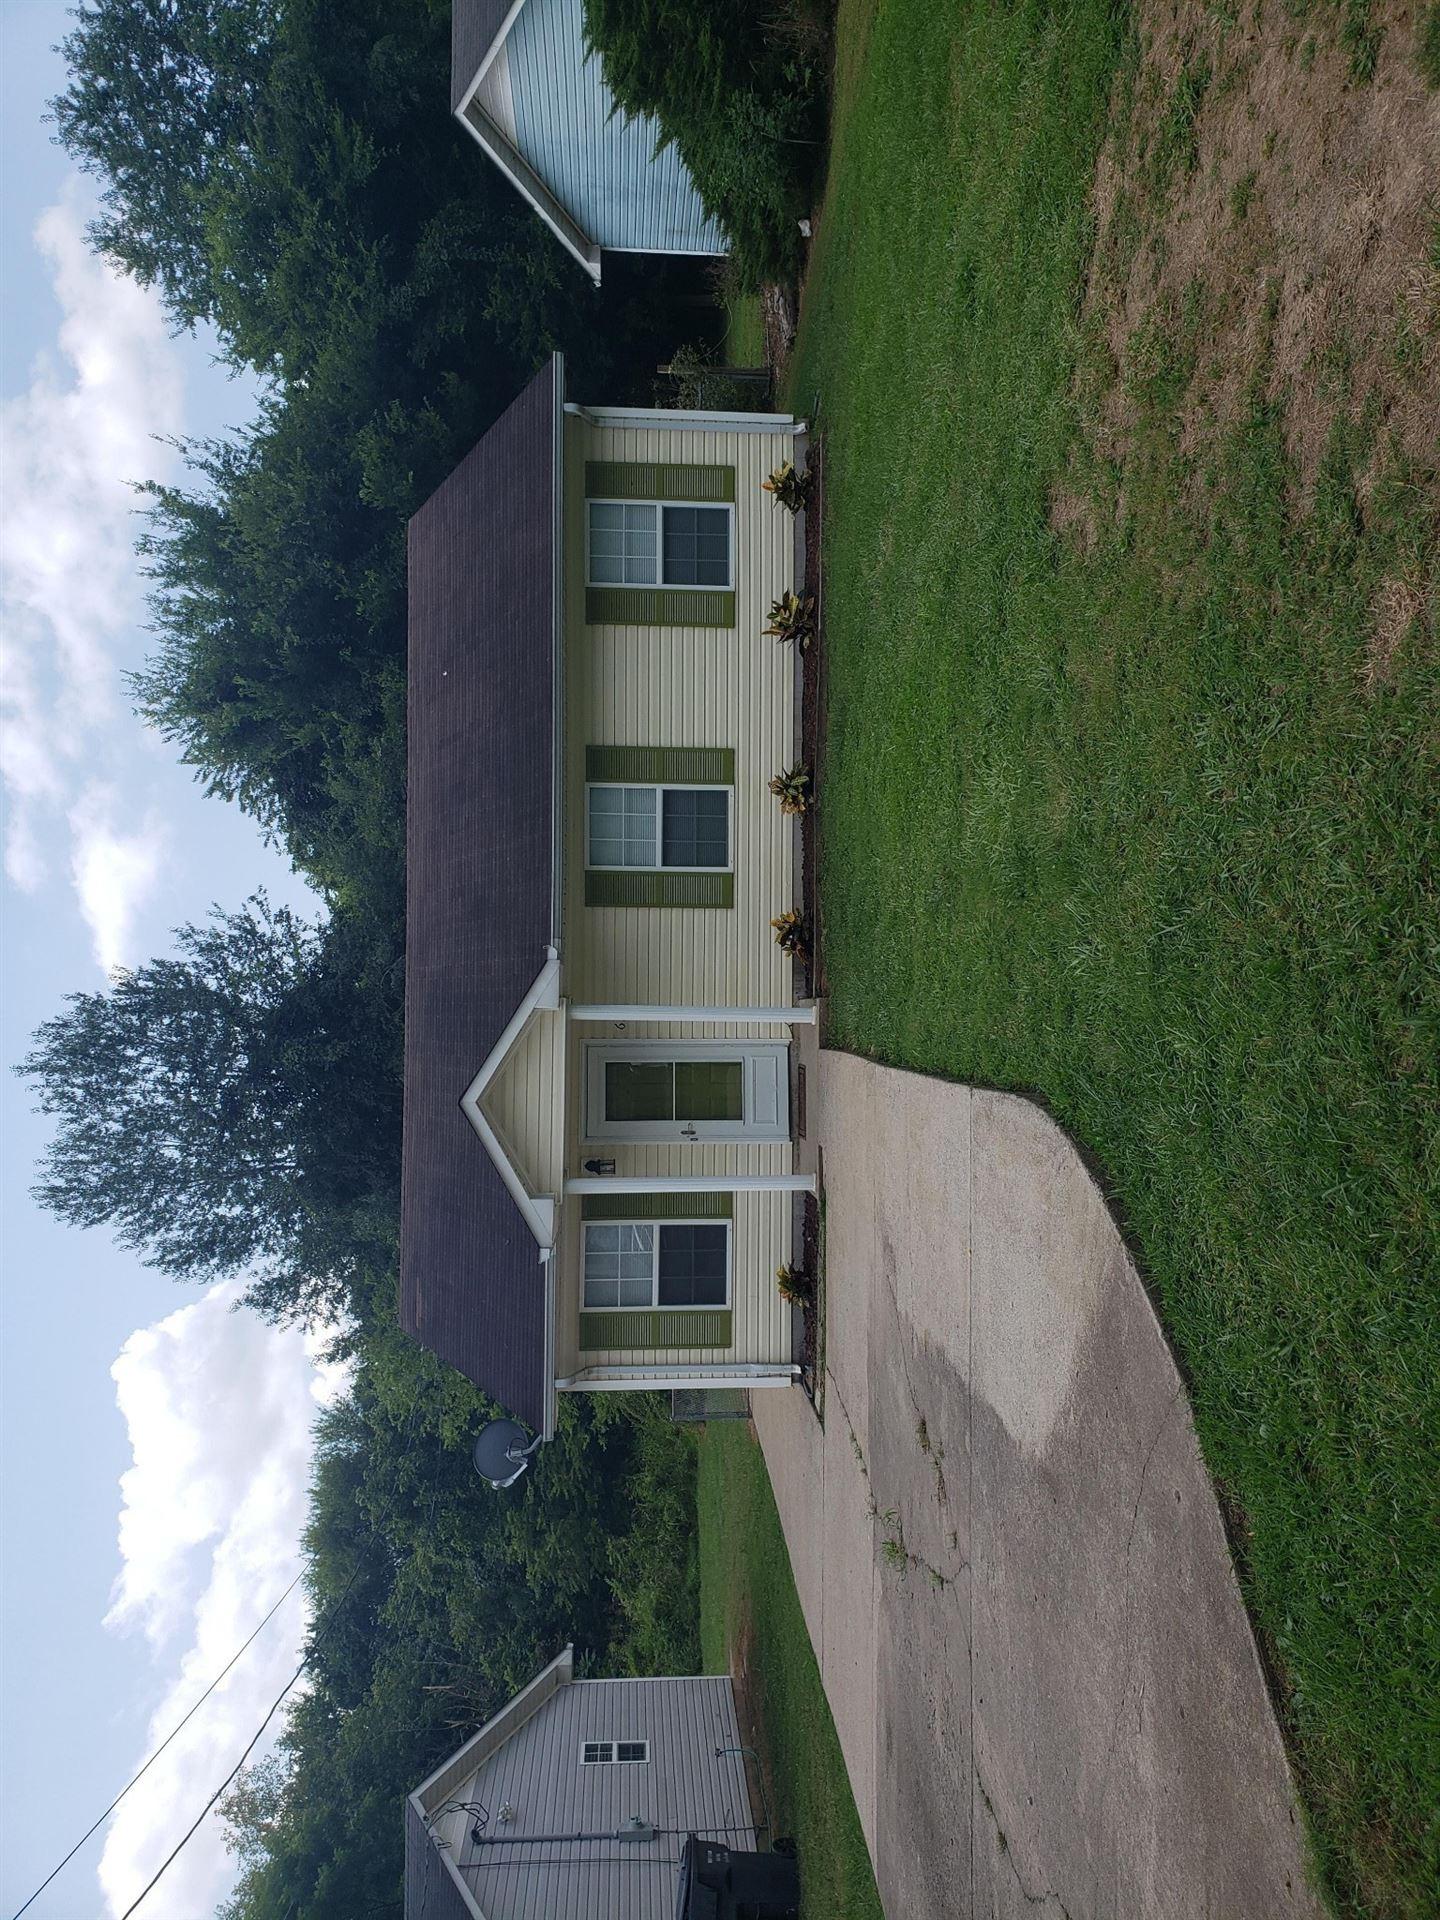 634 Stateline Rd, Oak Grove, KY 42262 - MLS#: 2178790